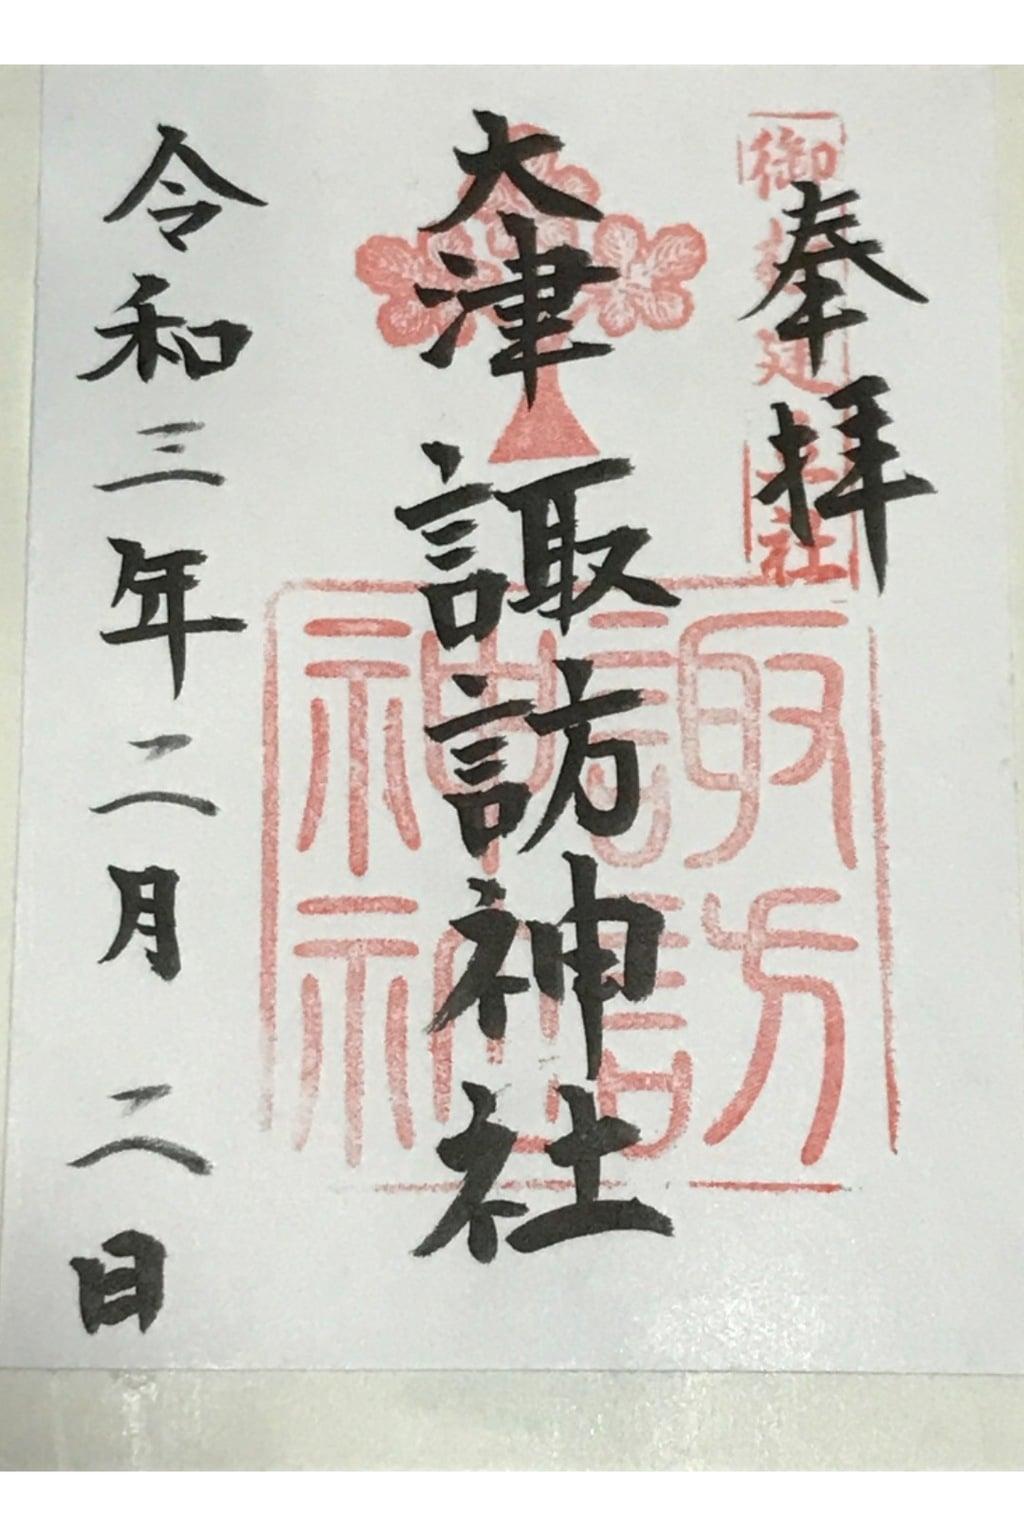 諏訪神社(大津諏訪神社)の御朱印